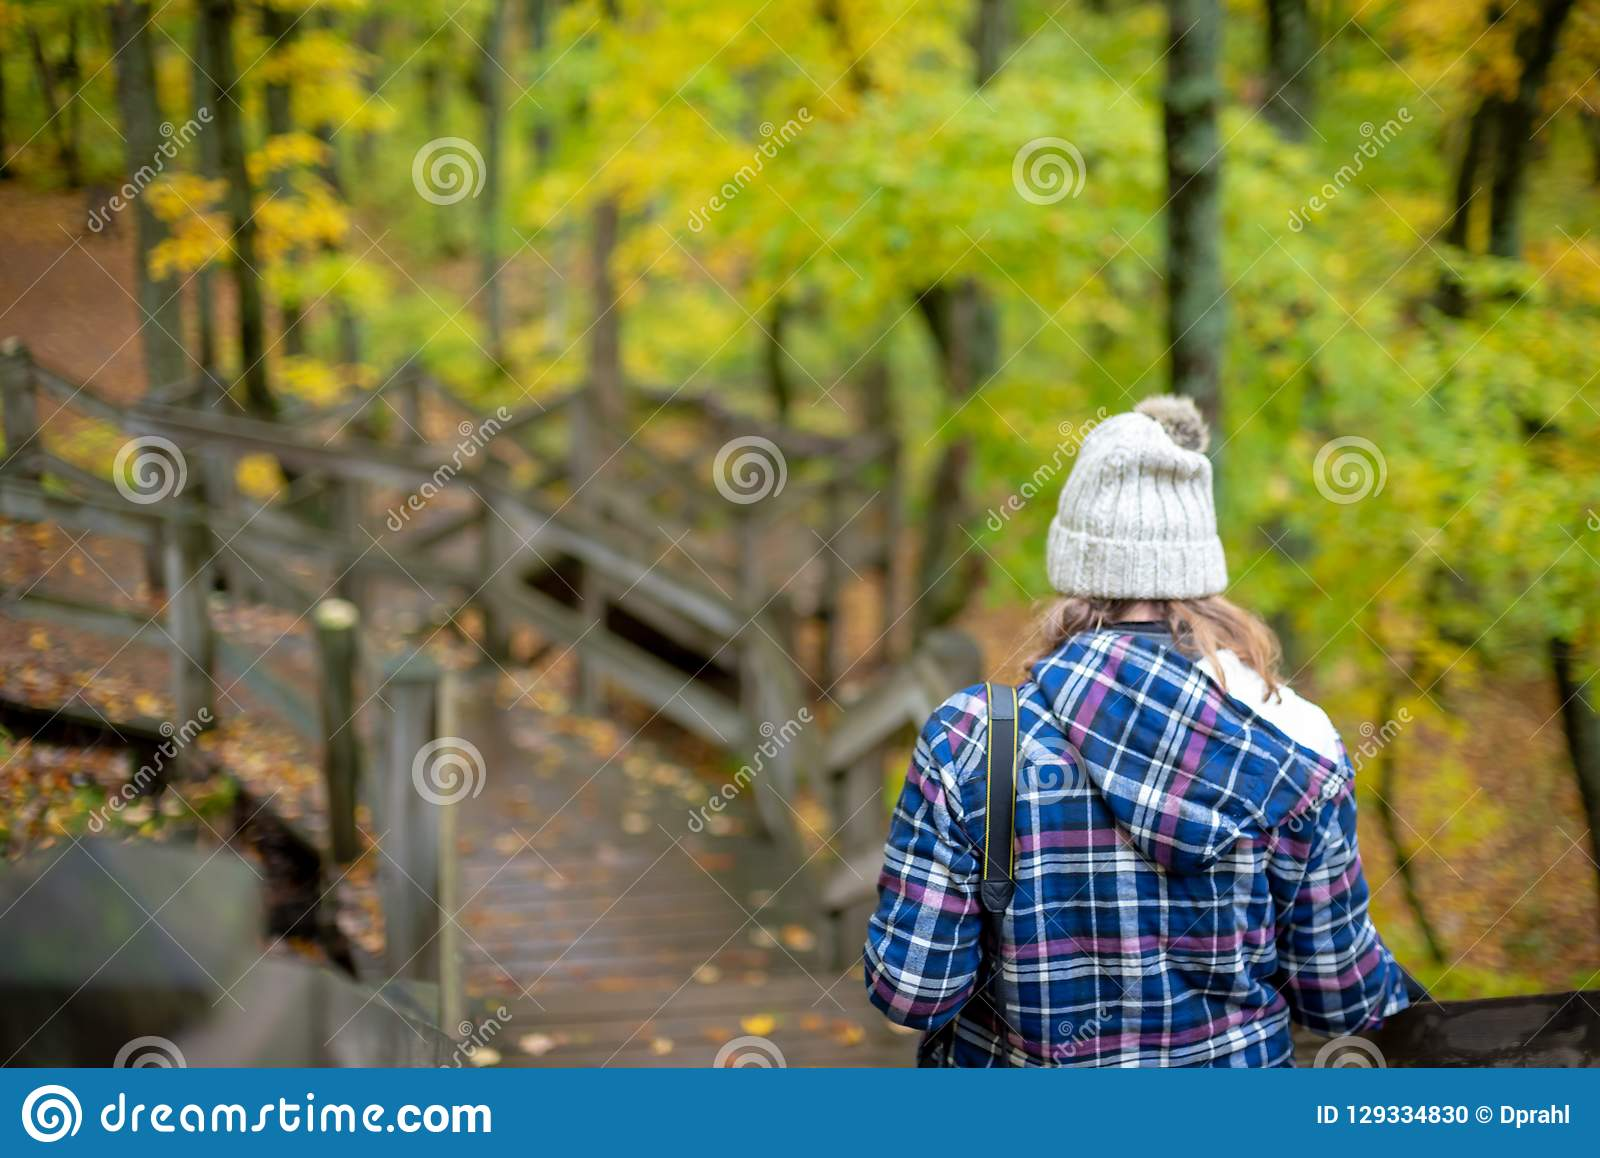 Personne avec l appareil-photo marchant en bois dans la chute